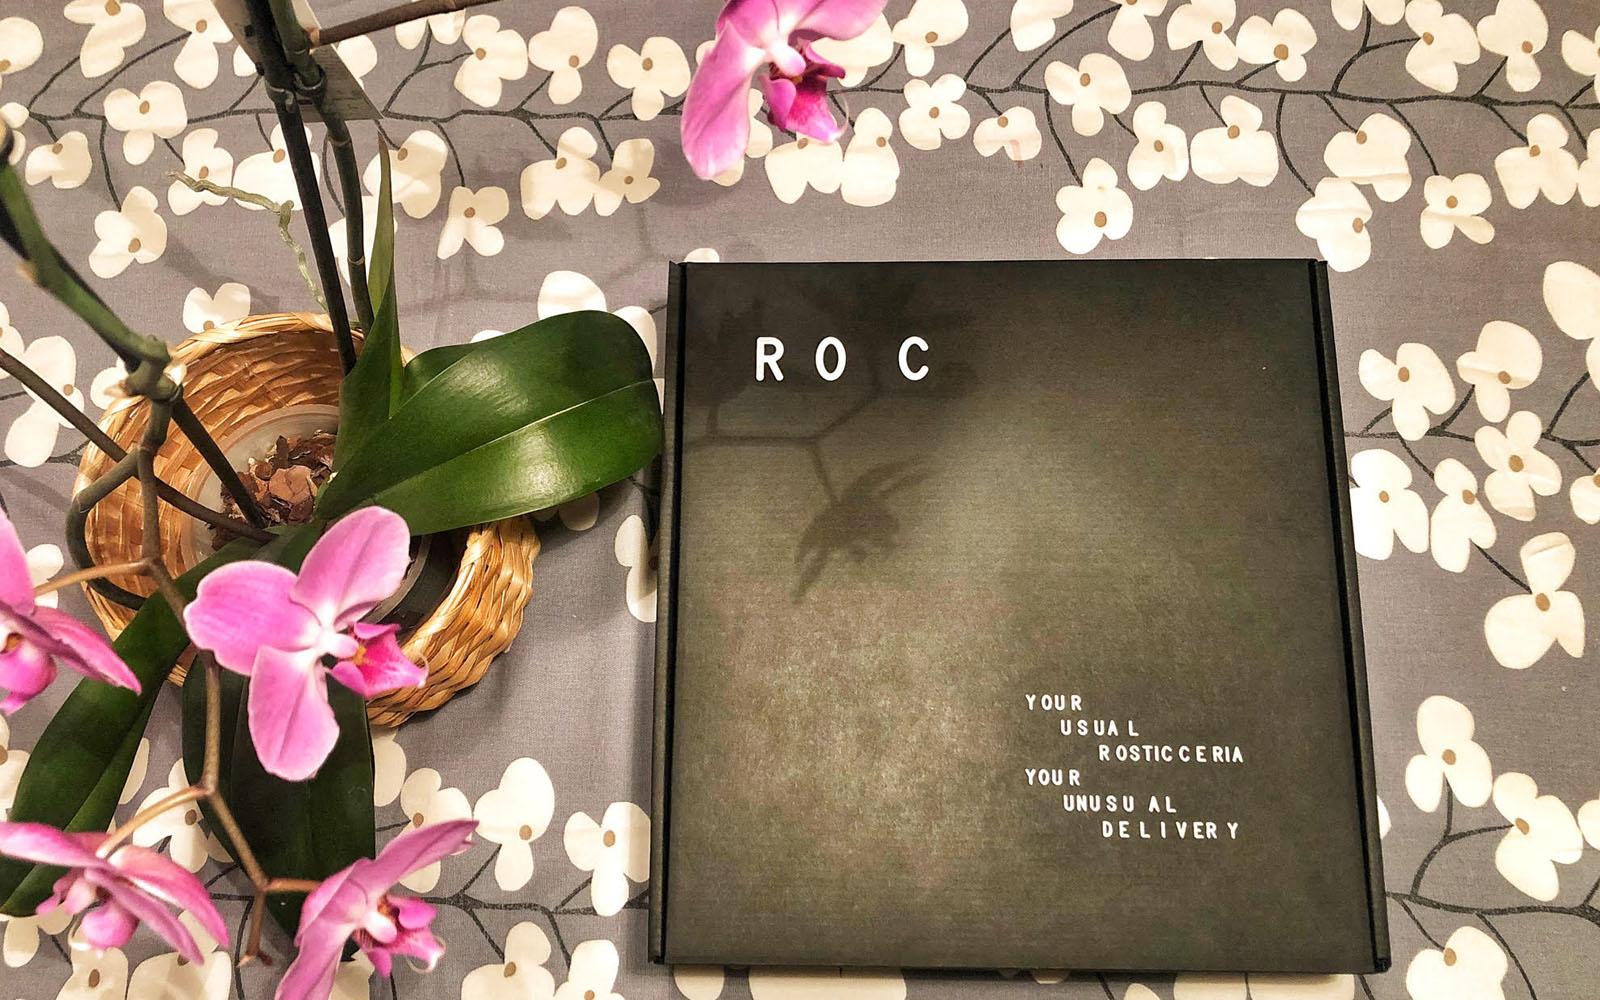 Il box consegnato da ROC, nel servizio di delivery pensato per Milano e dintorni. © oltreilbalcone